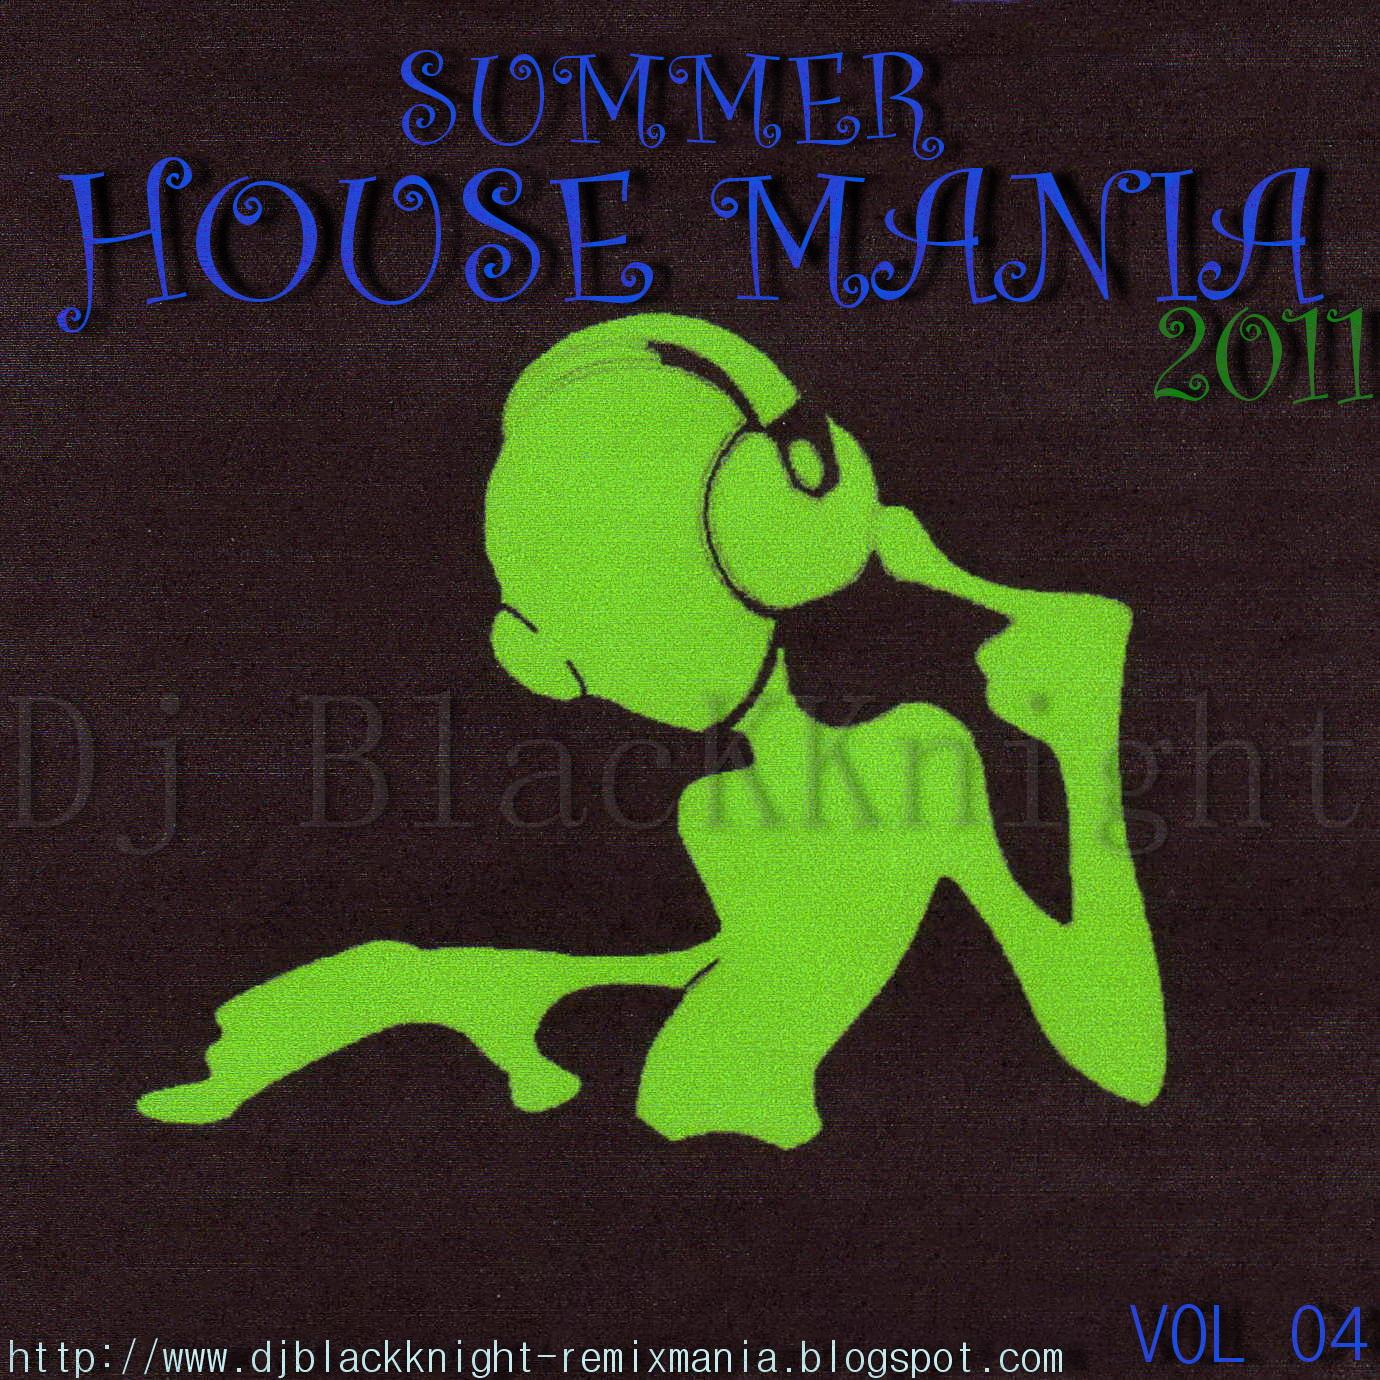 http://1.bp.blogspot.com/-UnbpyBRpD5M/TlPNss_JIkI/AAAAAAAAAKs/UJX_fnenClQ/s1600/Summer%2BHouse%2BMania_Album%2BCover.jpg